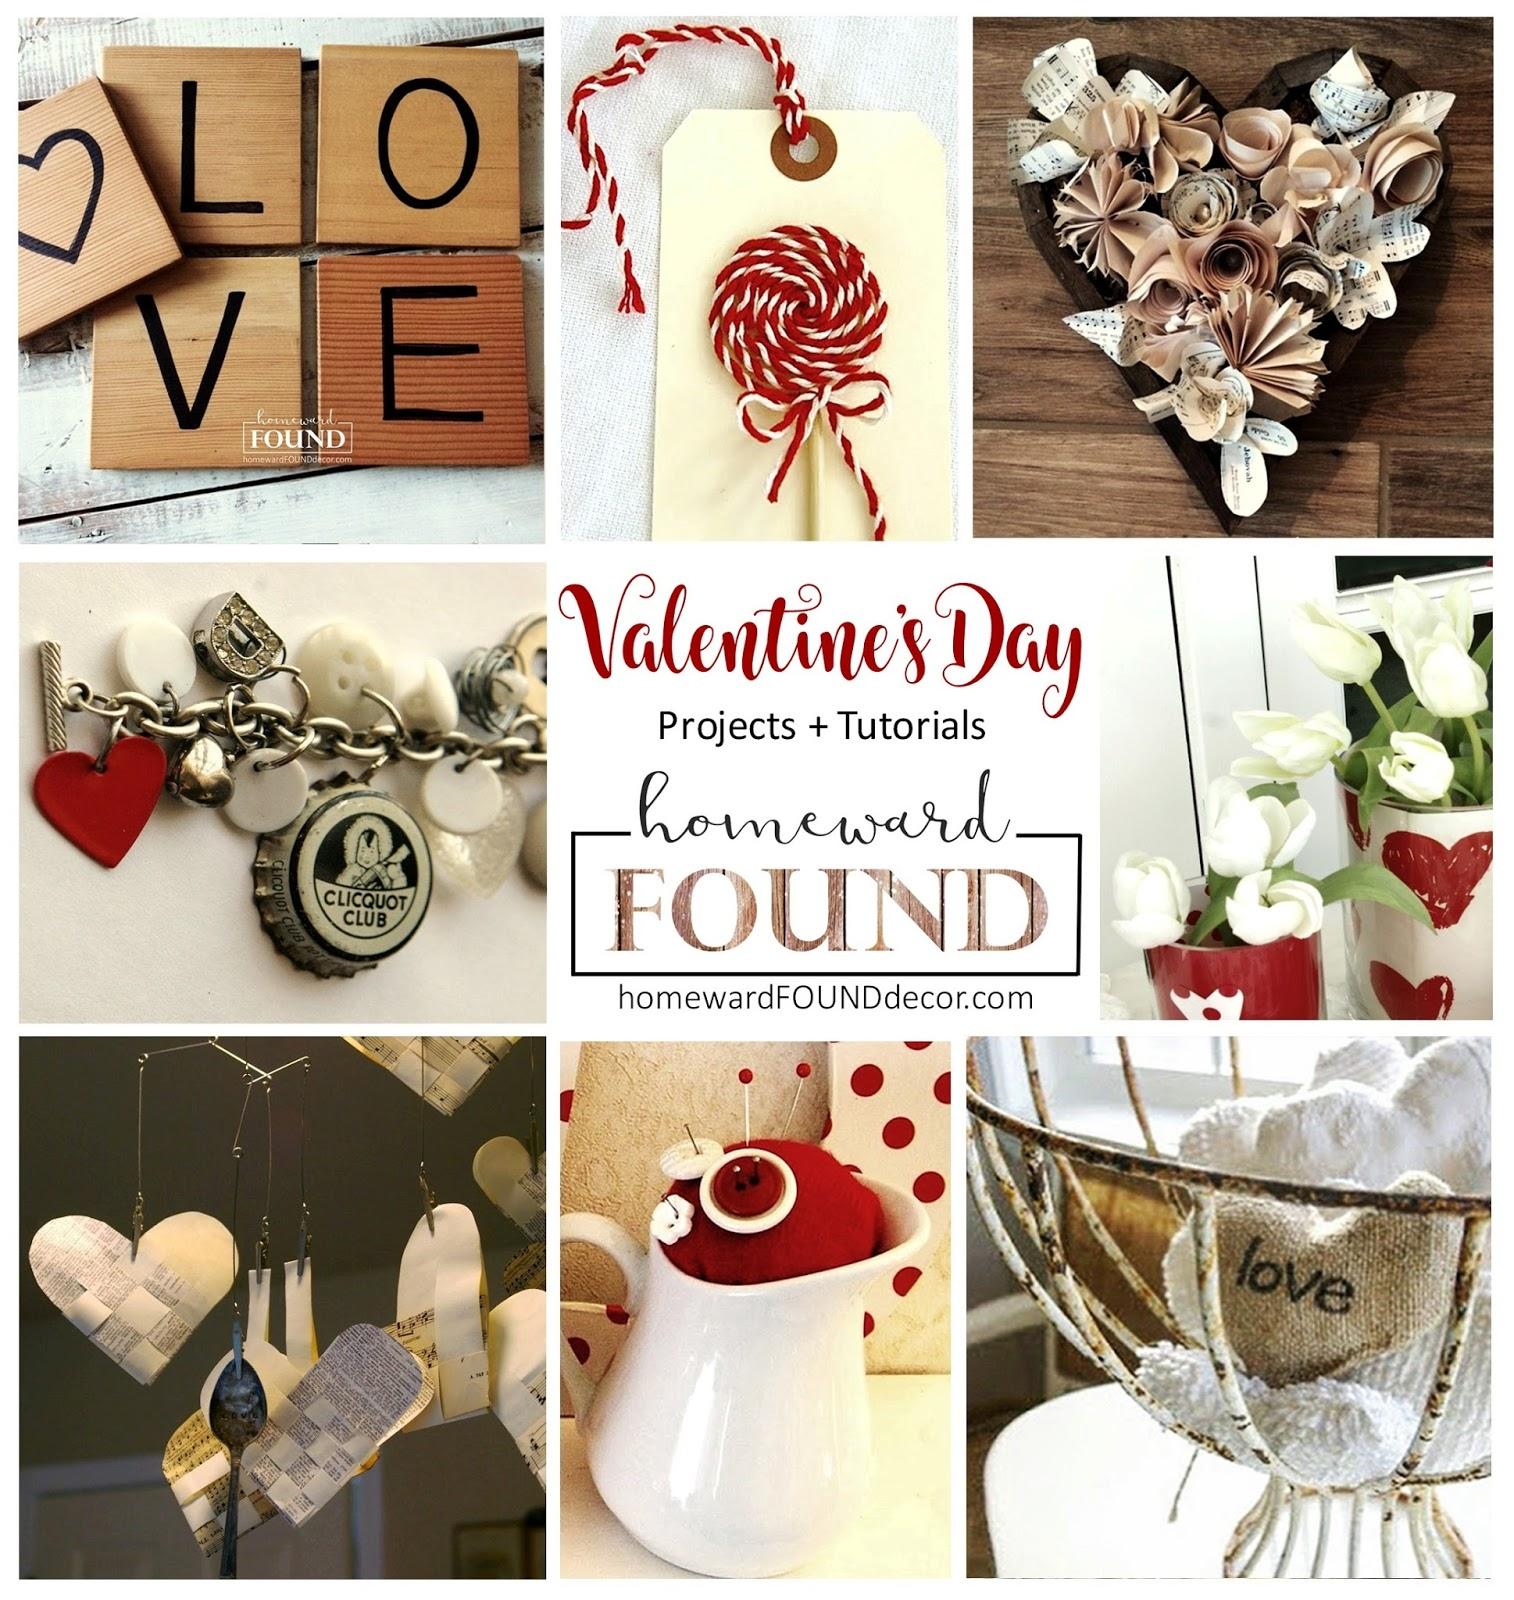 Valentine\'s Day Projects + Tutorials homewardFOUND decor